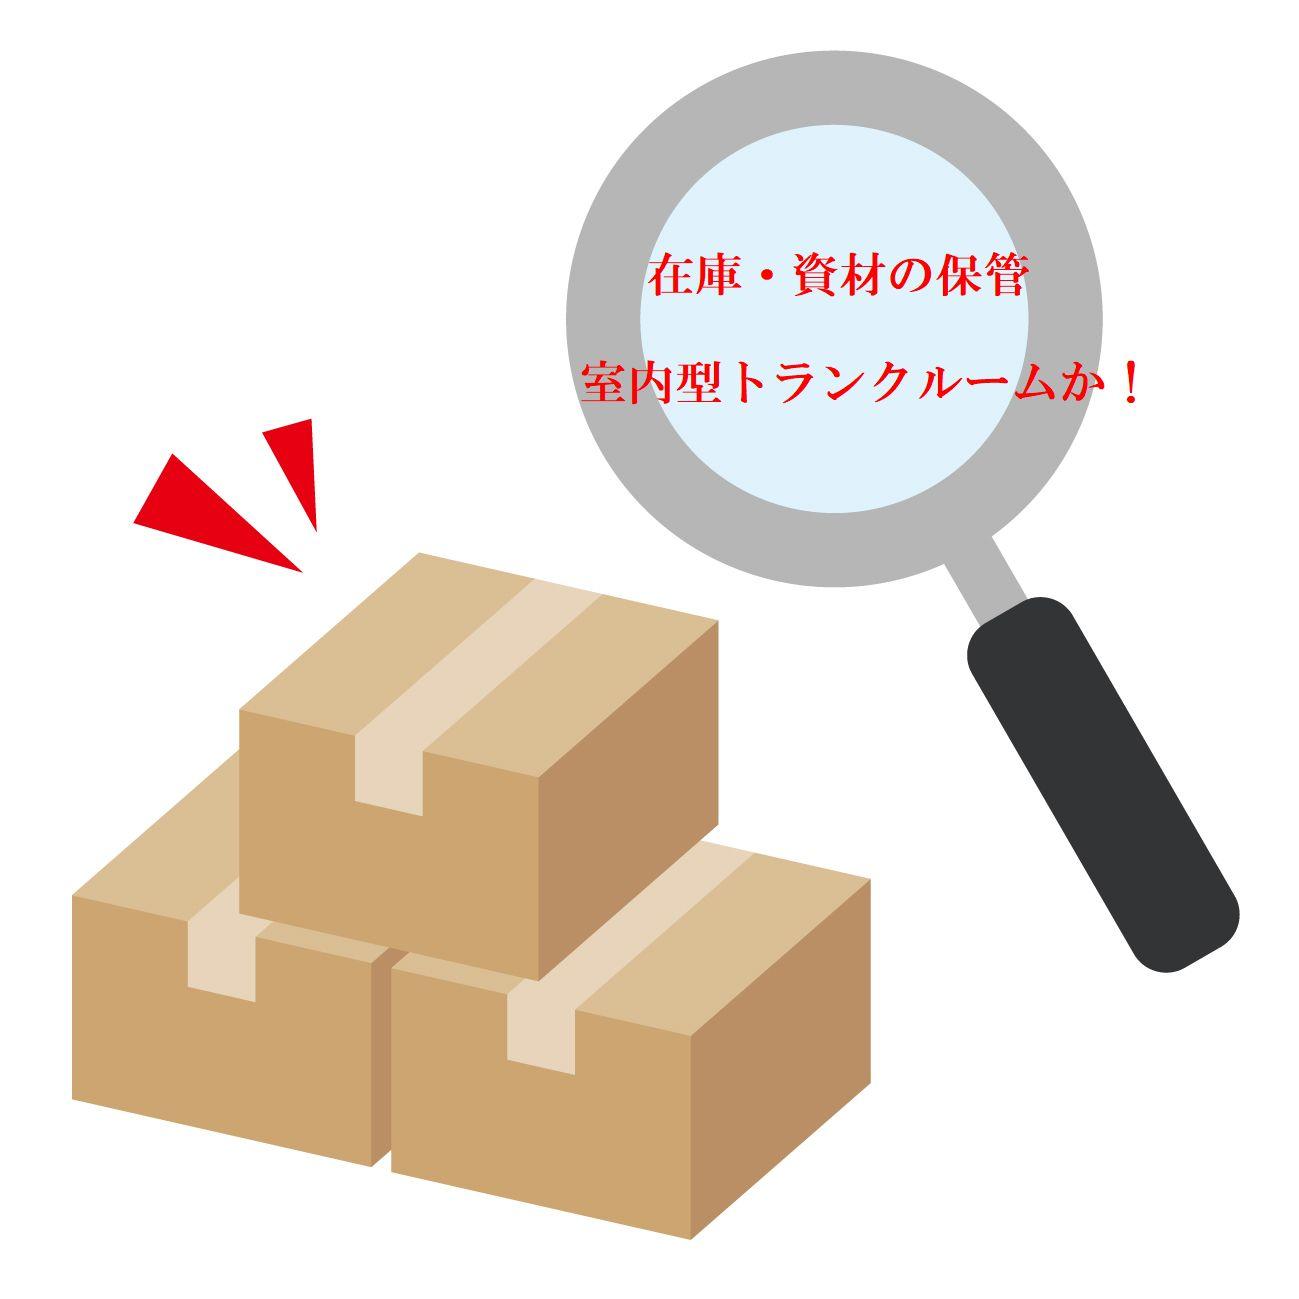 秋田市 レンタル収納 トランクルーム使い方色々 ~在庫保管~